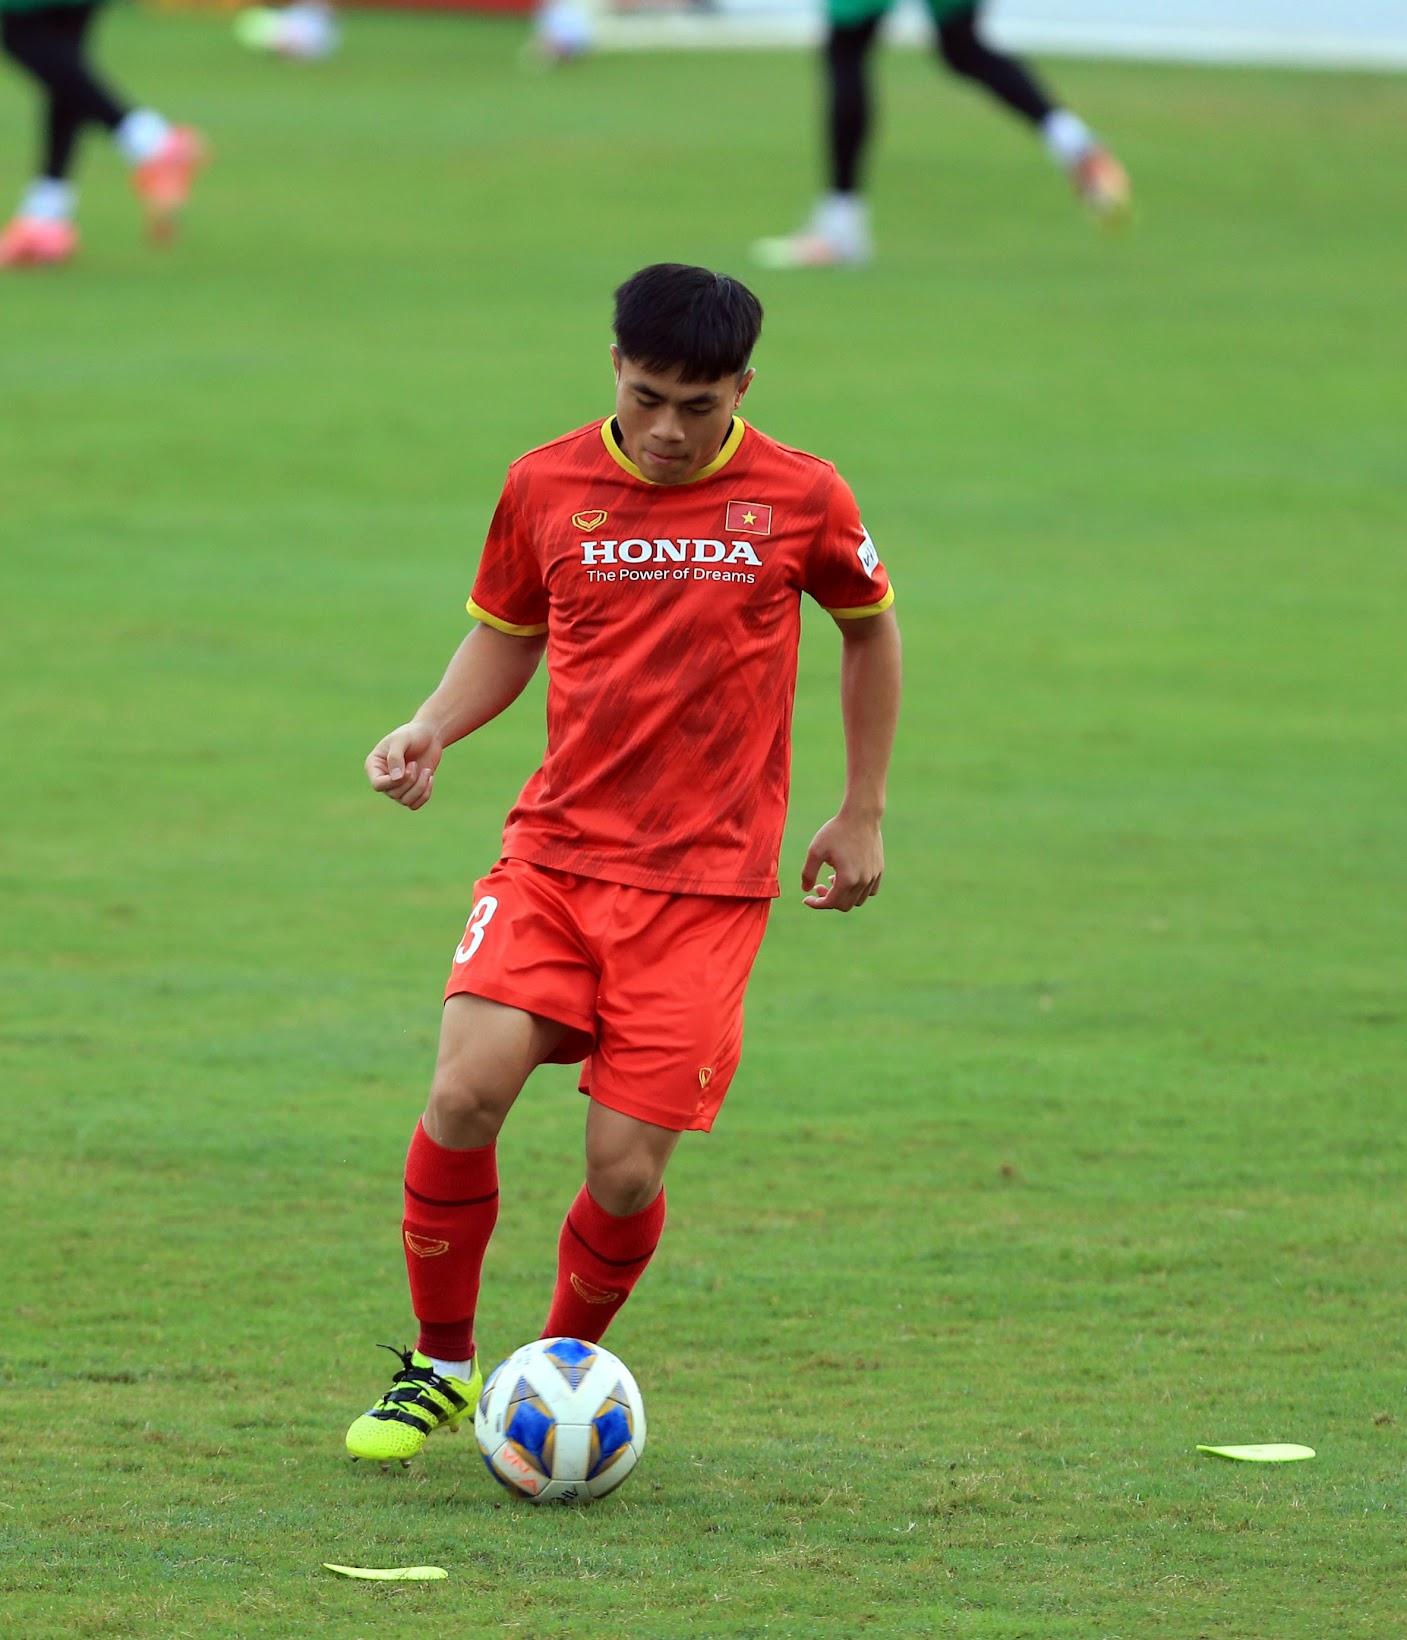 Tuấn Anh và đồng đội hào hứng khi trở thành thủ môn bất đắc dĩ cho tuyển Việt Nam - ảnh 17